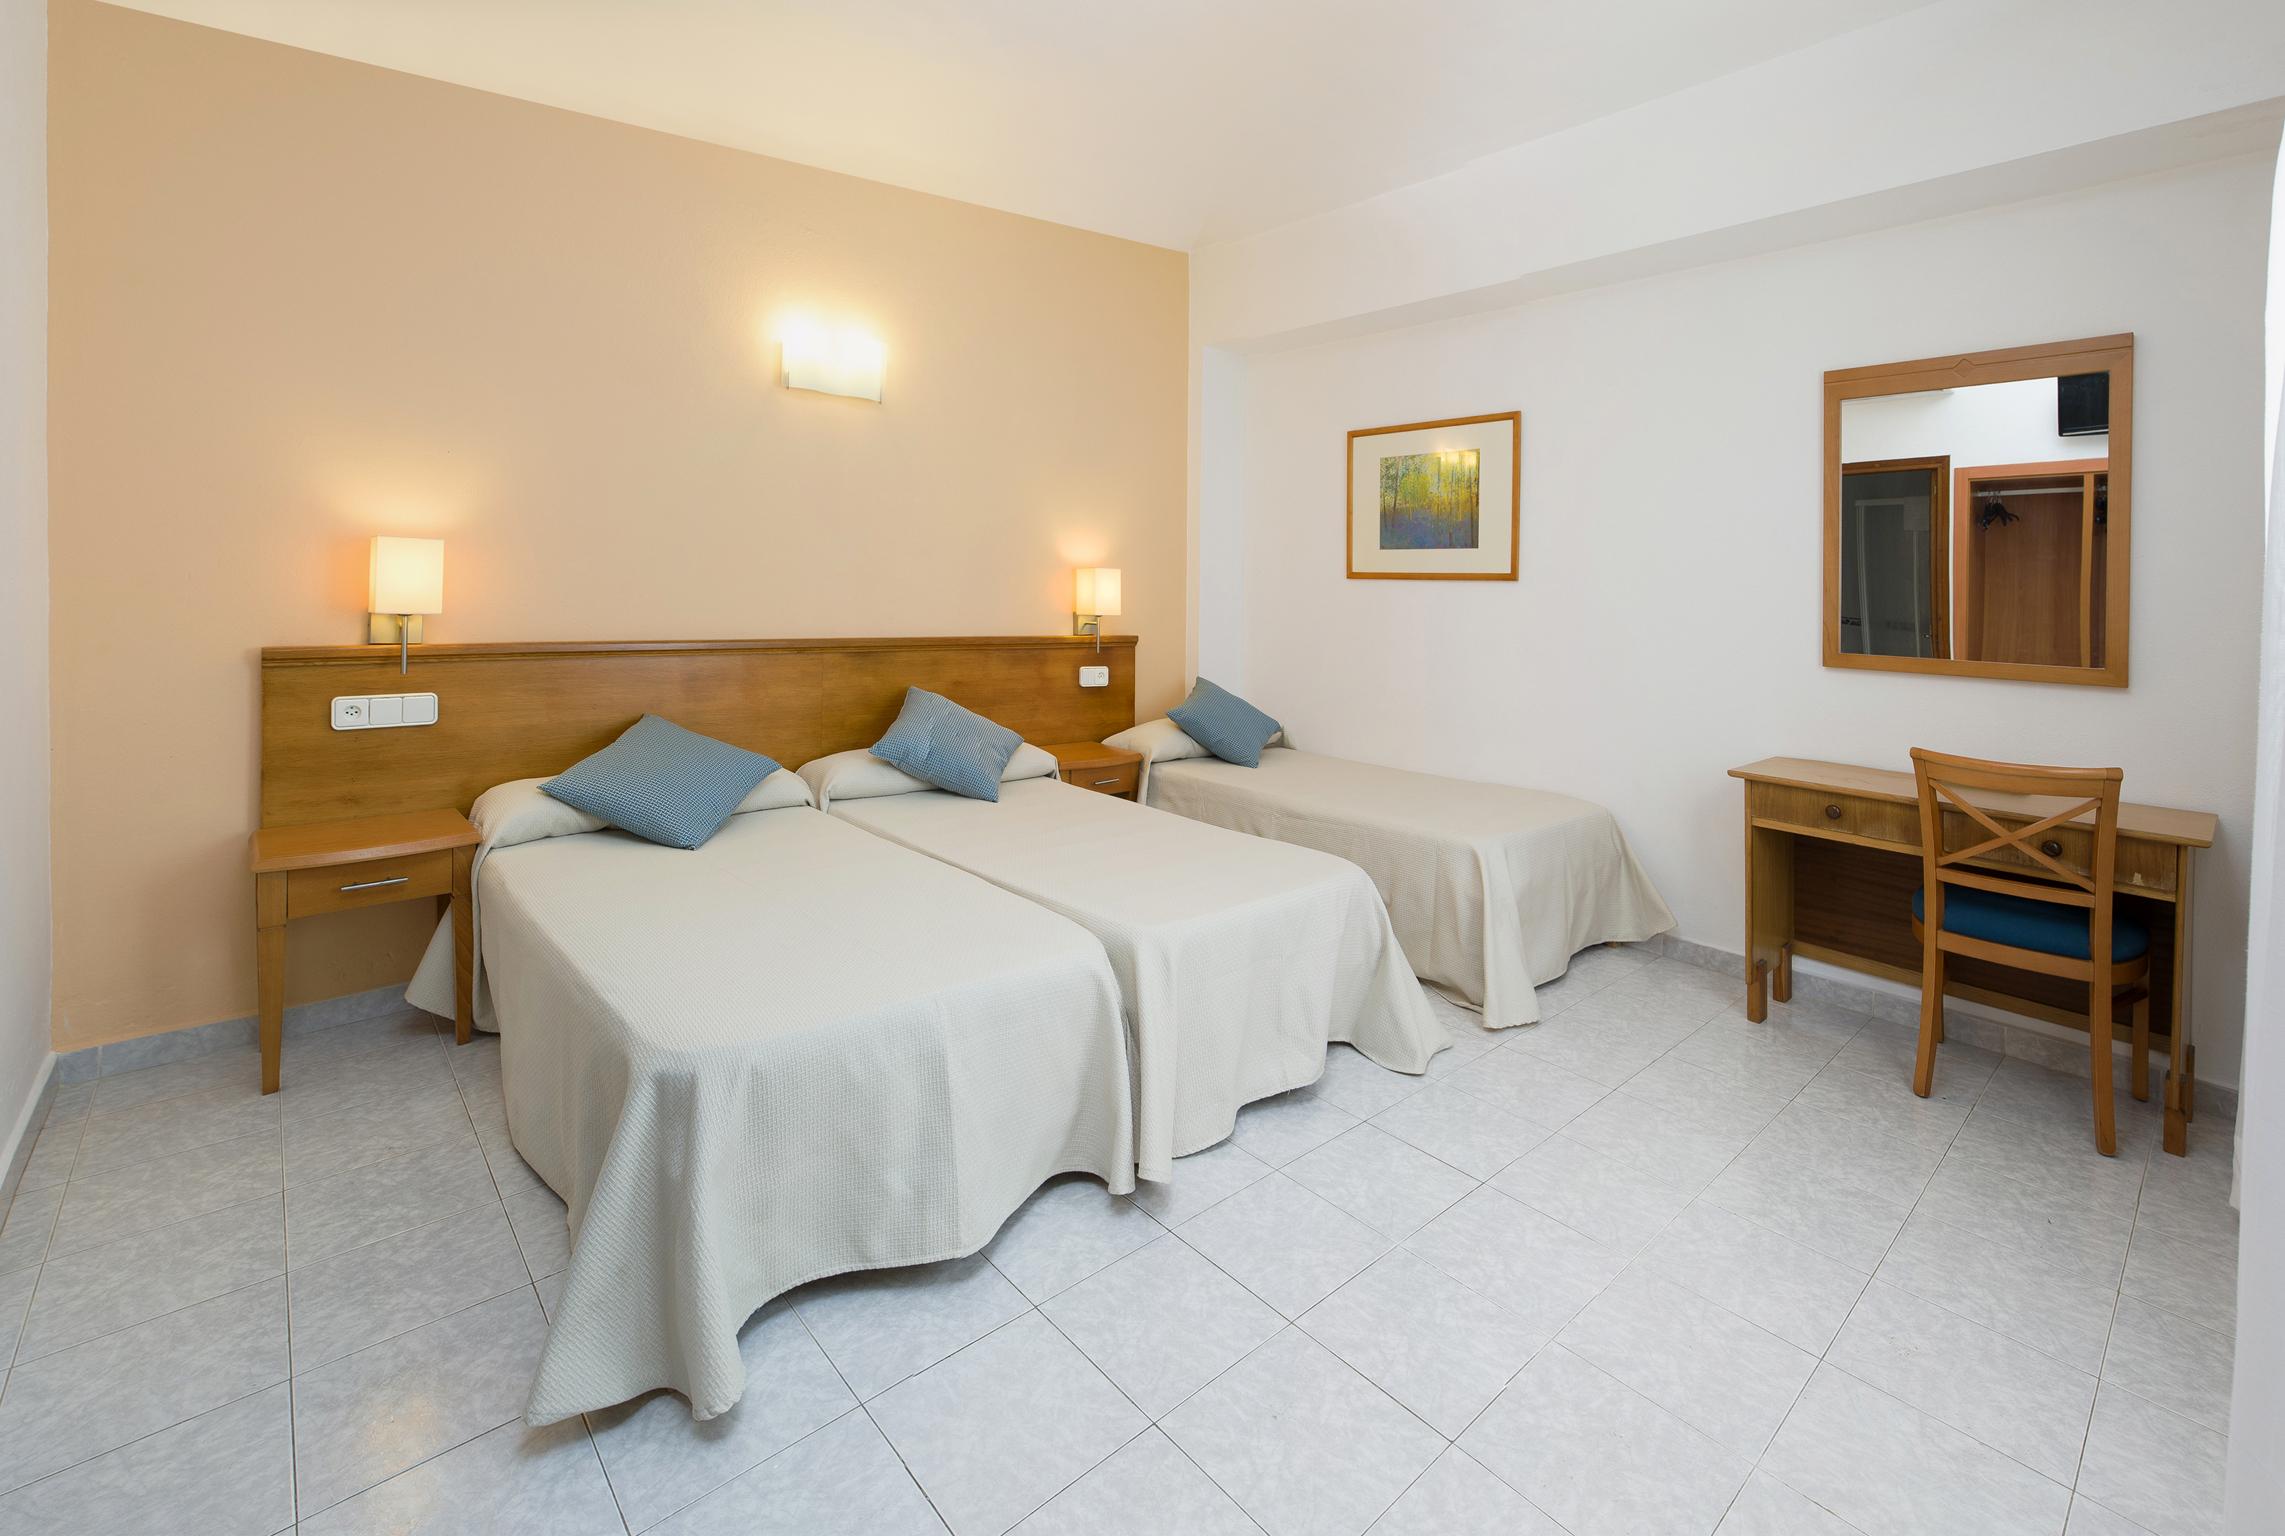 Logotipo de Hostal Mallorca, su hotel en Mallorca.